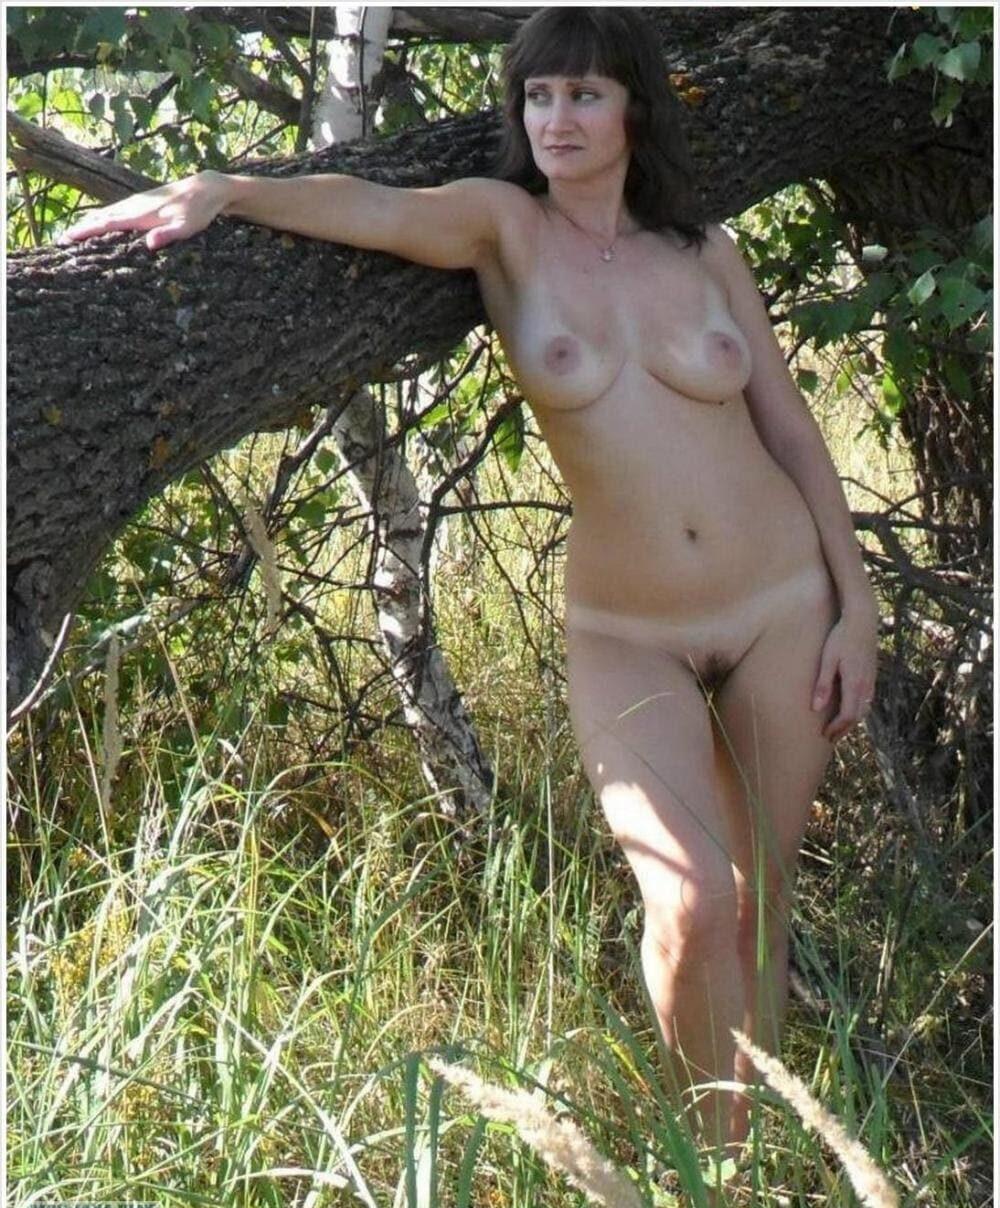 Зрелые женщины на природе красивая, голая с интимной стрижкой, хорошей фигурой стоит у поваленного дерева